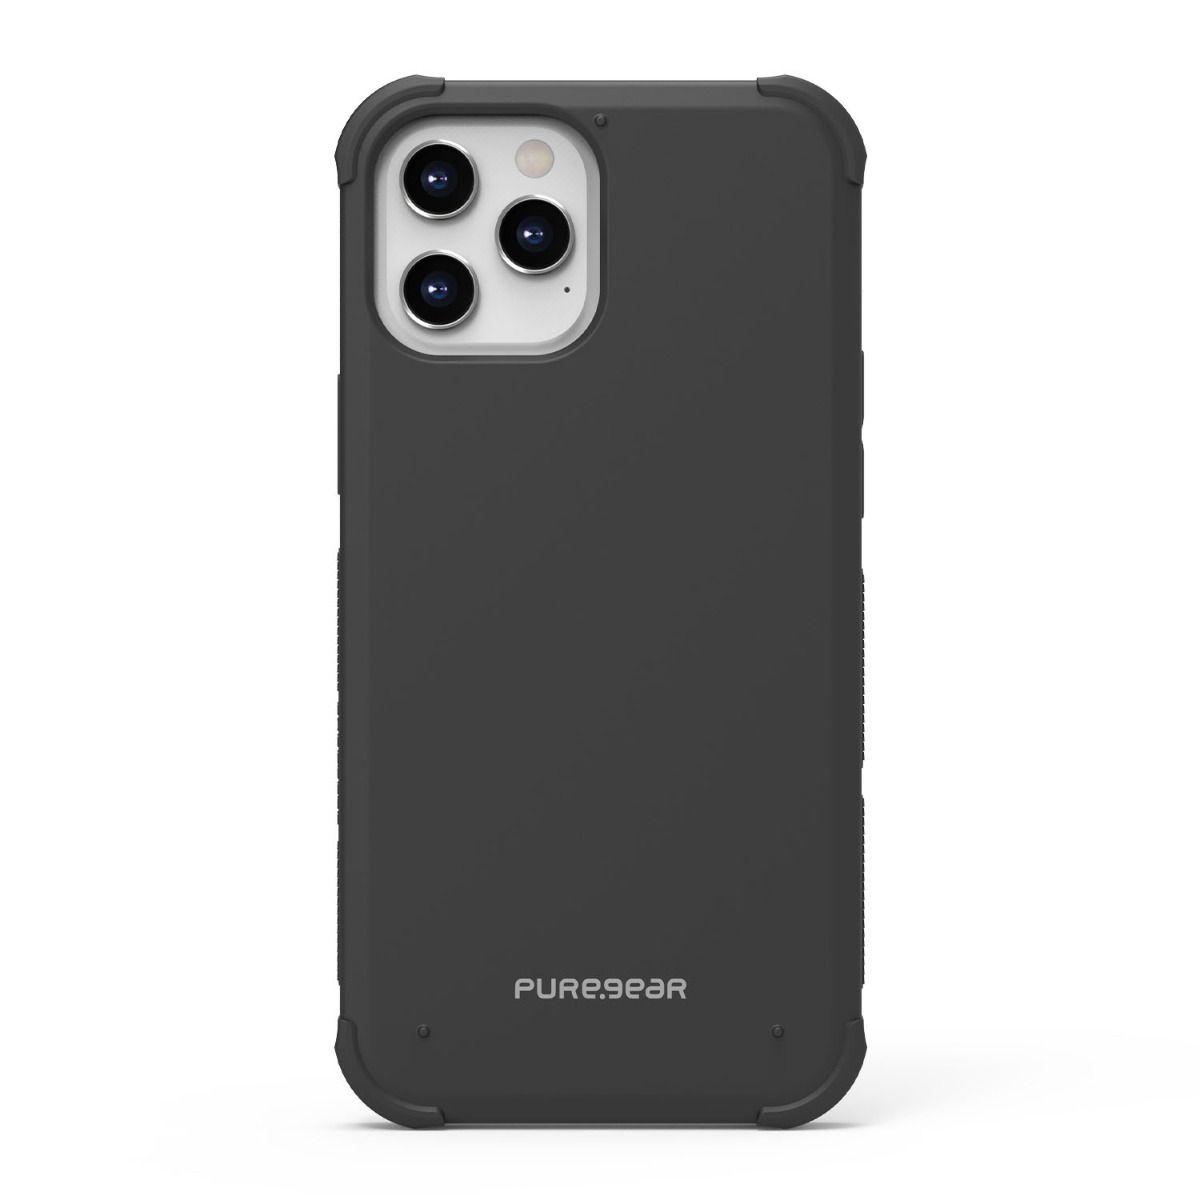 Apple iPhone 12 Pro Max Dualtek Case - Black/Black